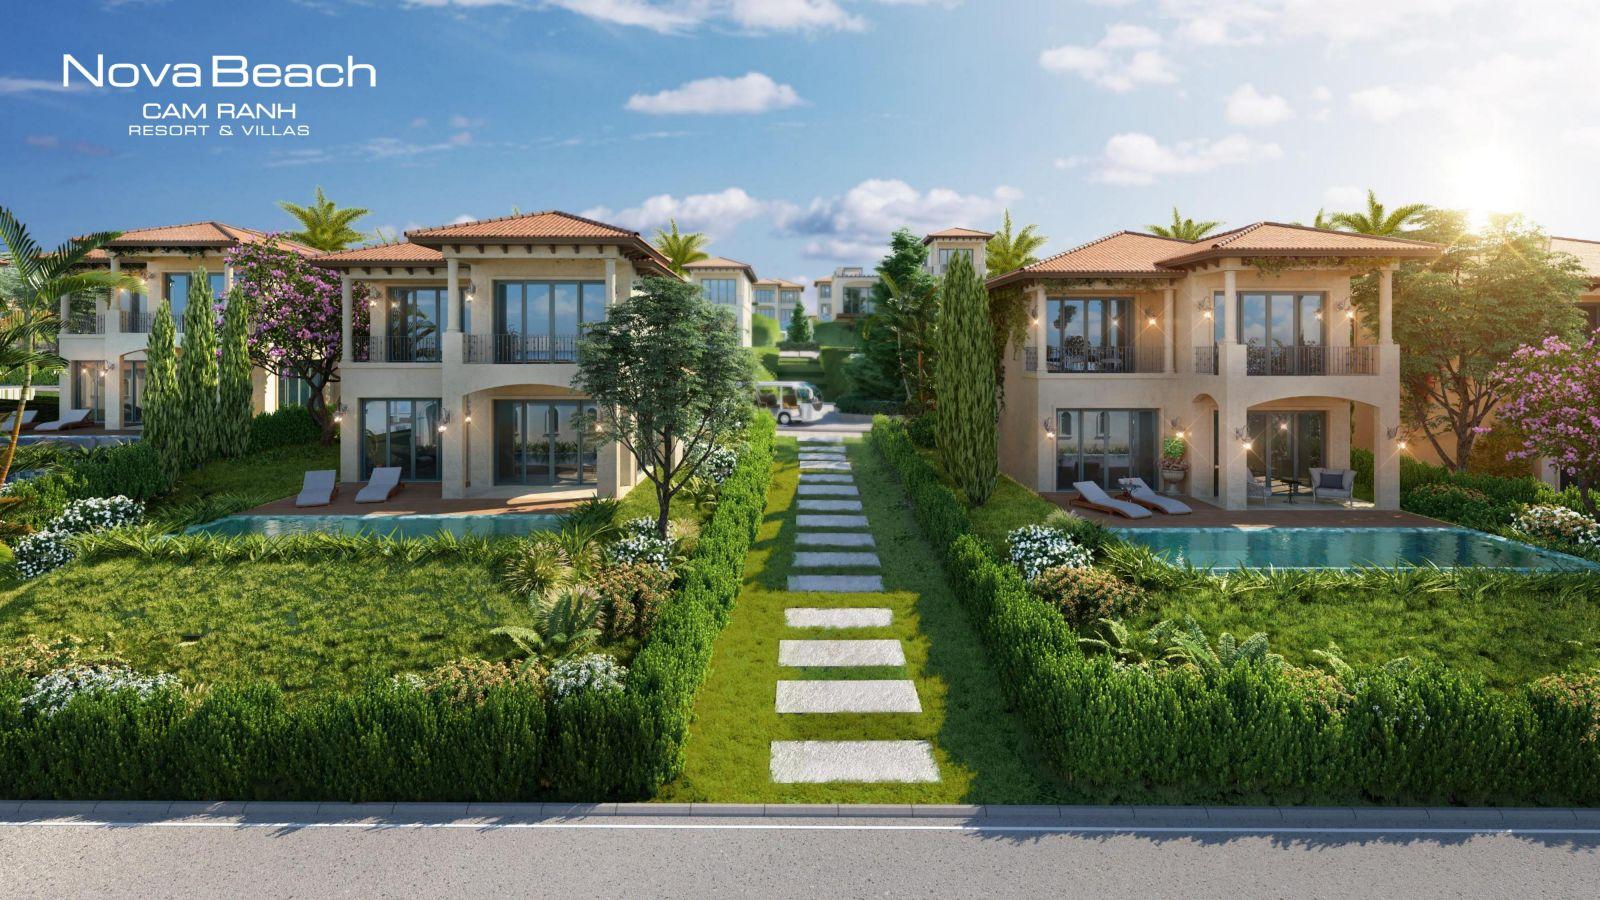 tiện ích novabeach cam ranh resort villas